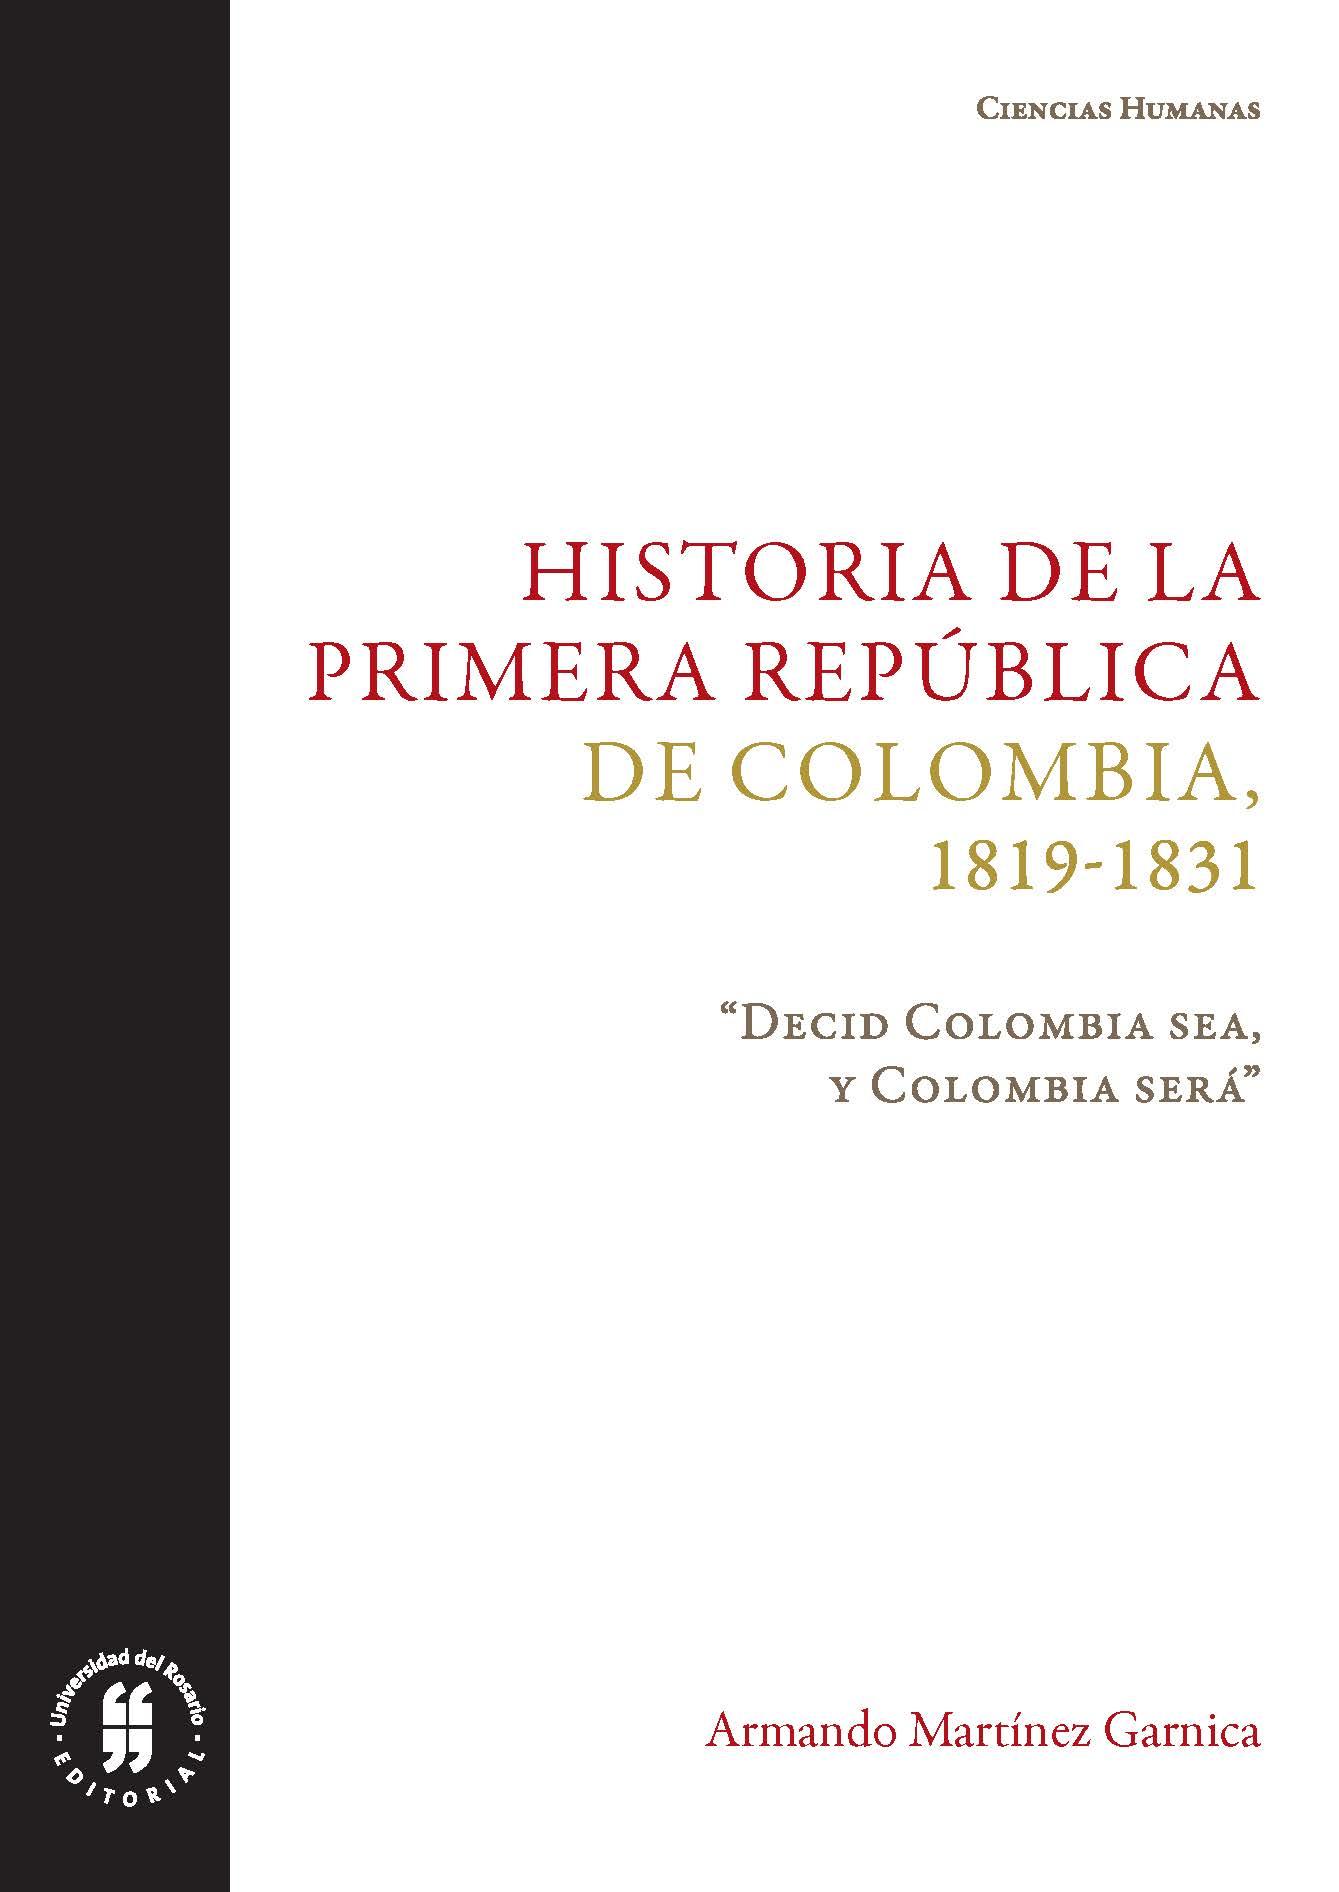 """Historia de la primera República de Colombia (1819-1831). """"Decid Colombia sea, y Colombia será"""""""